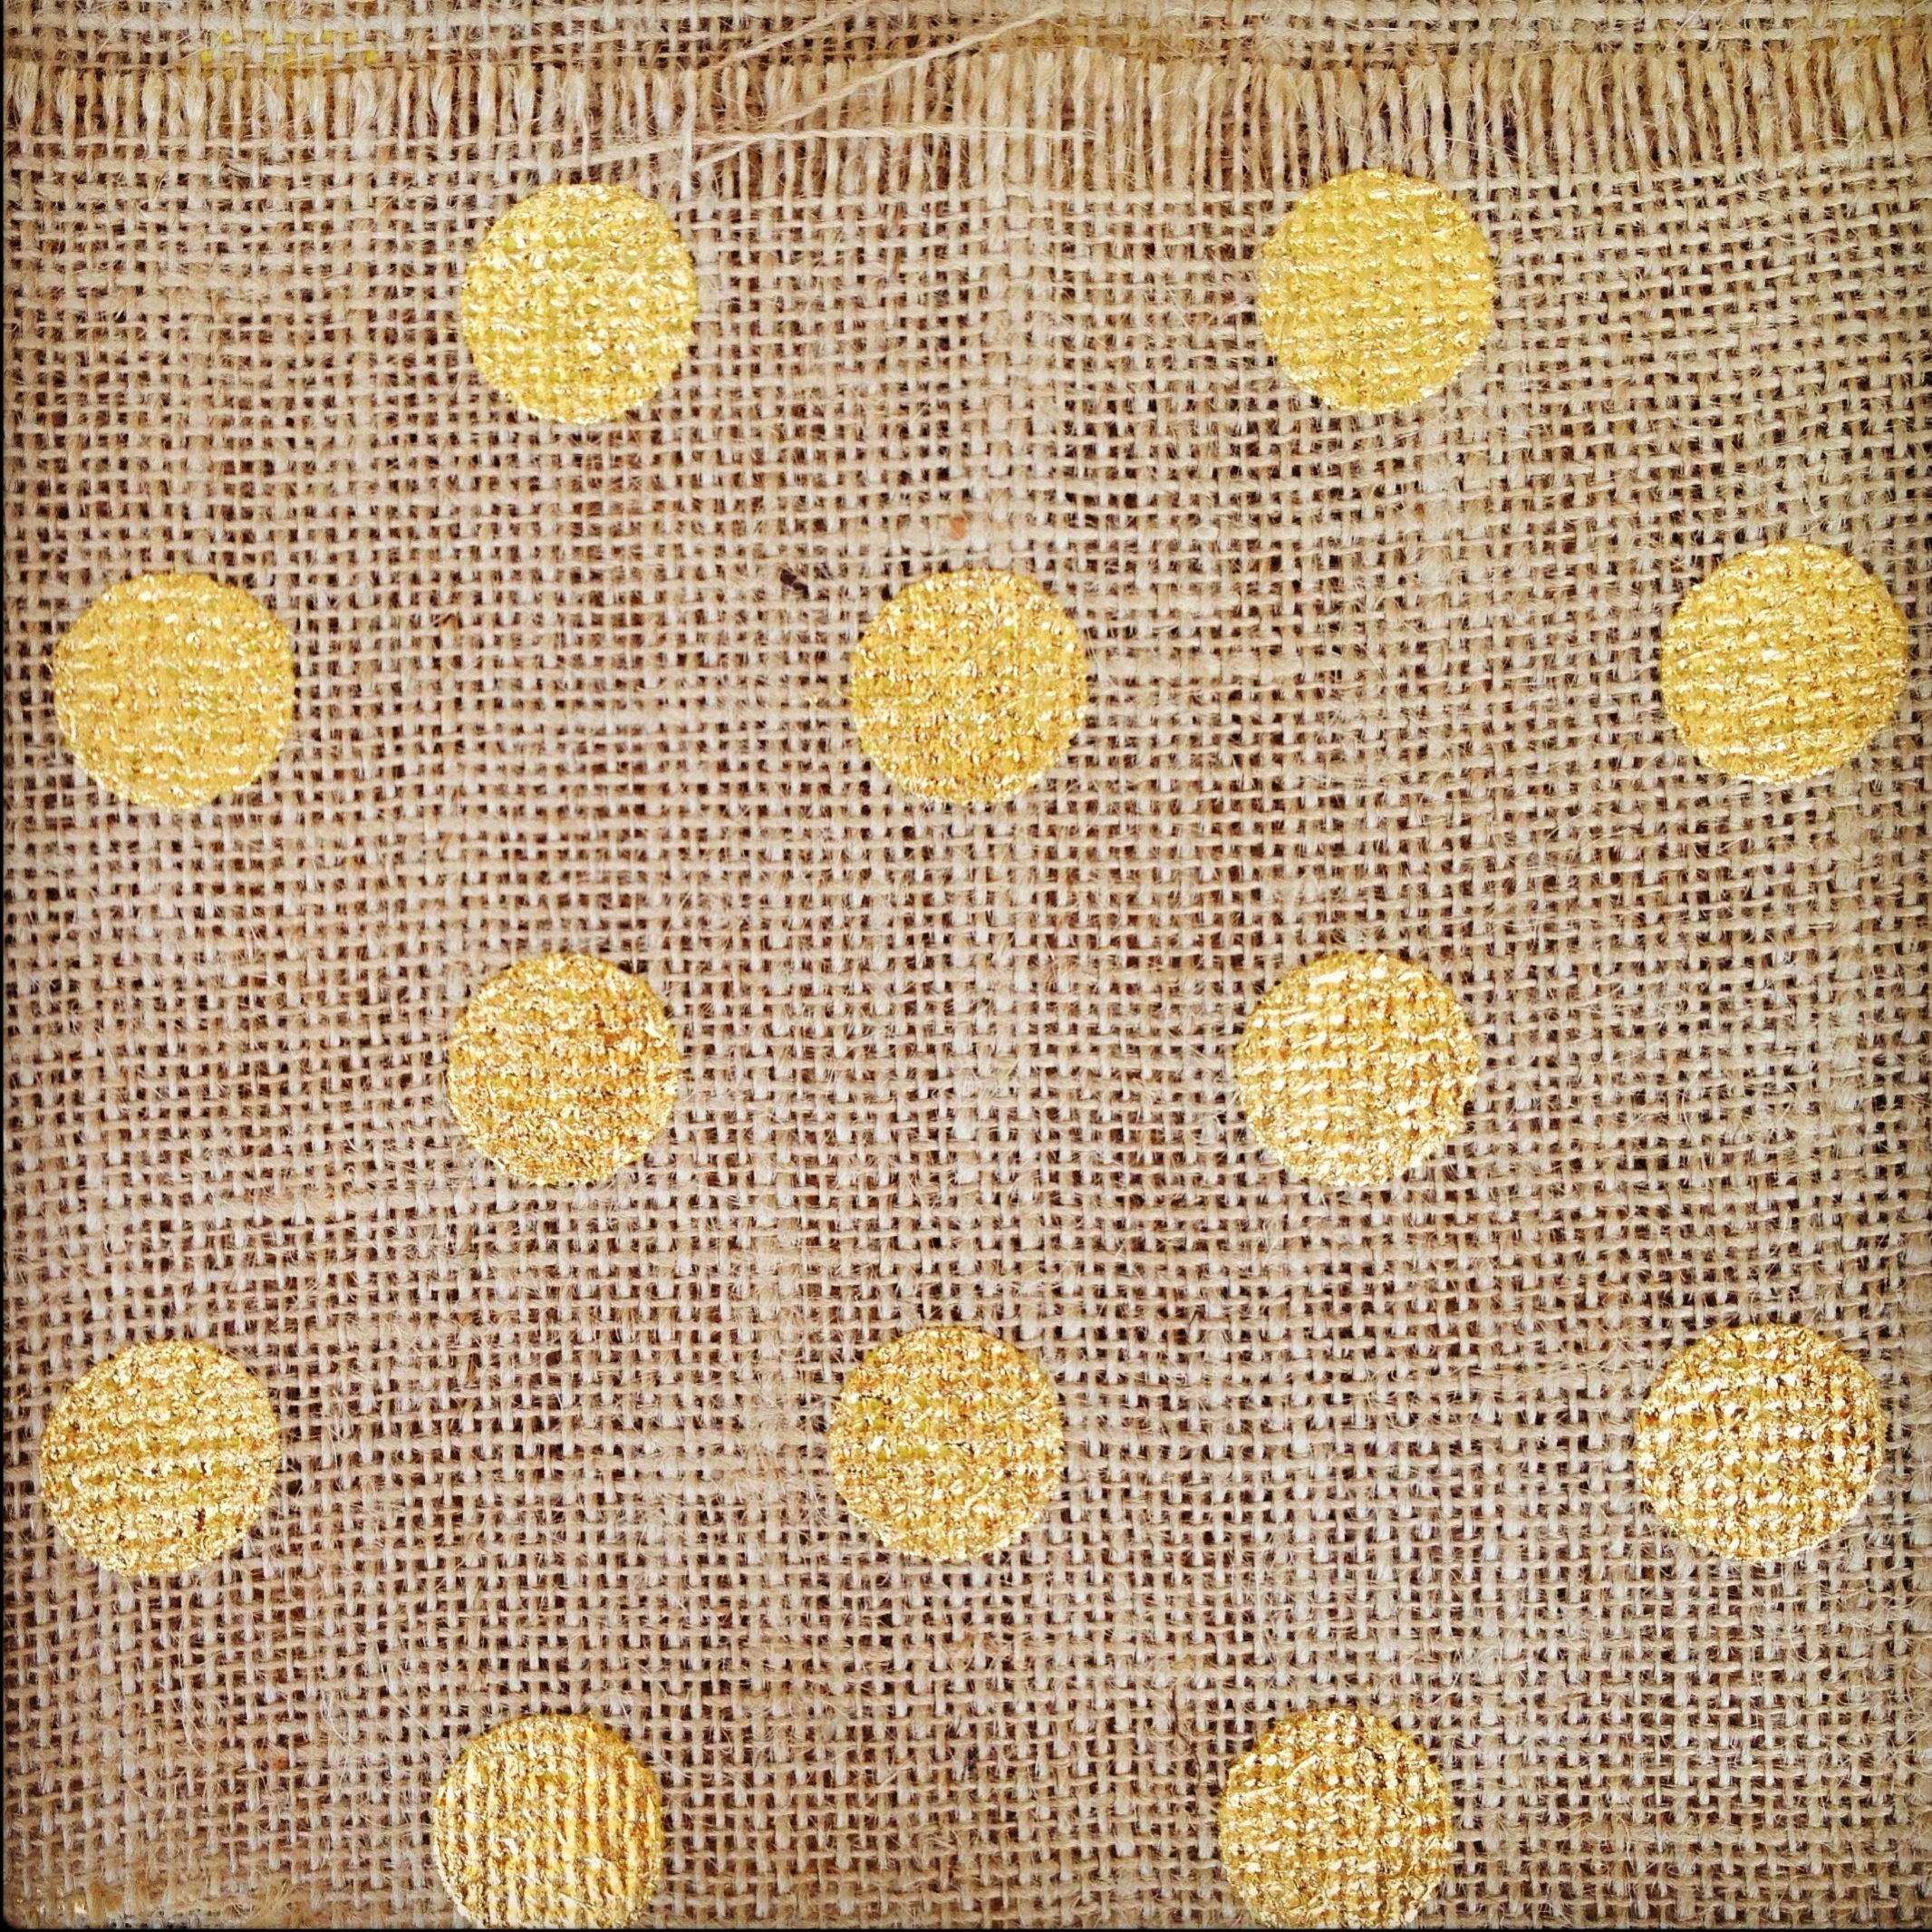 Gold Polka Dots Wallpaper When i saw this gold polka dot 2132x2132